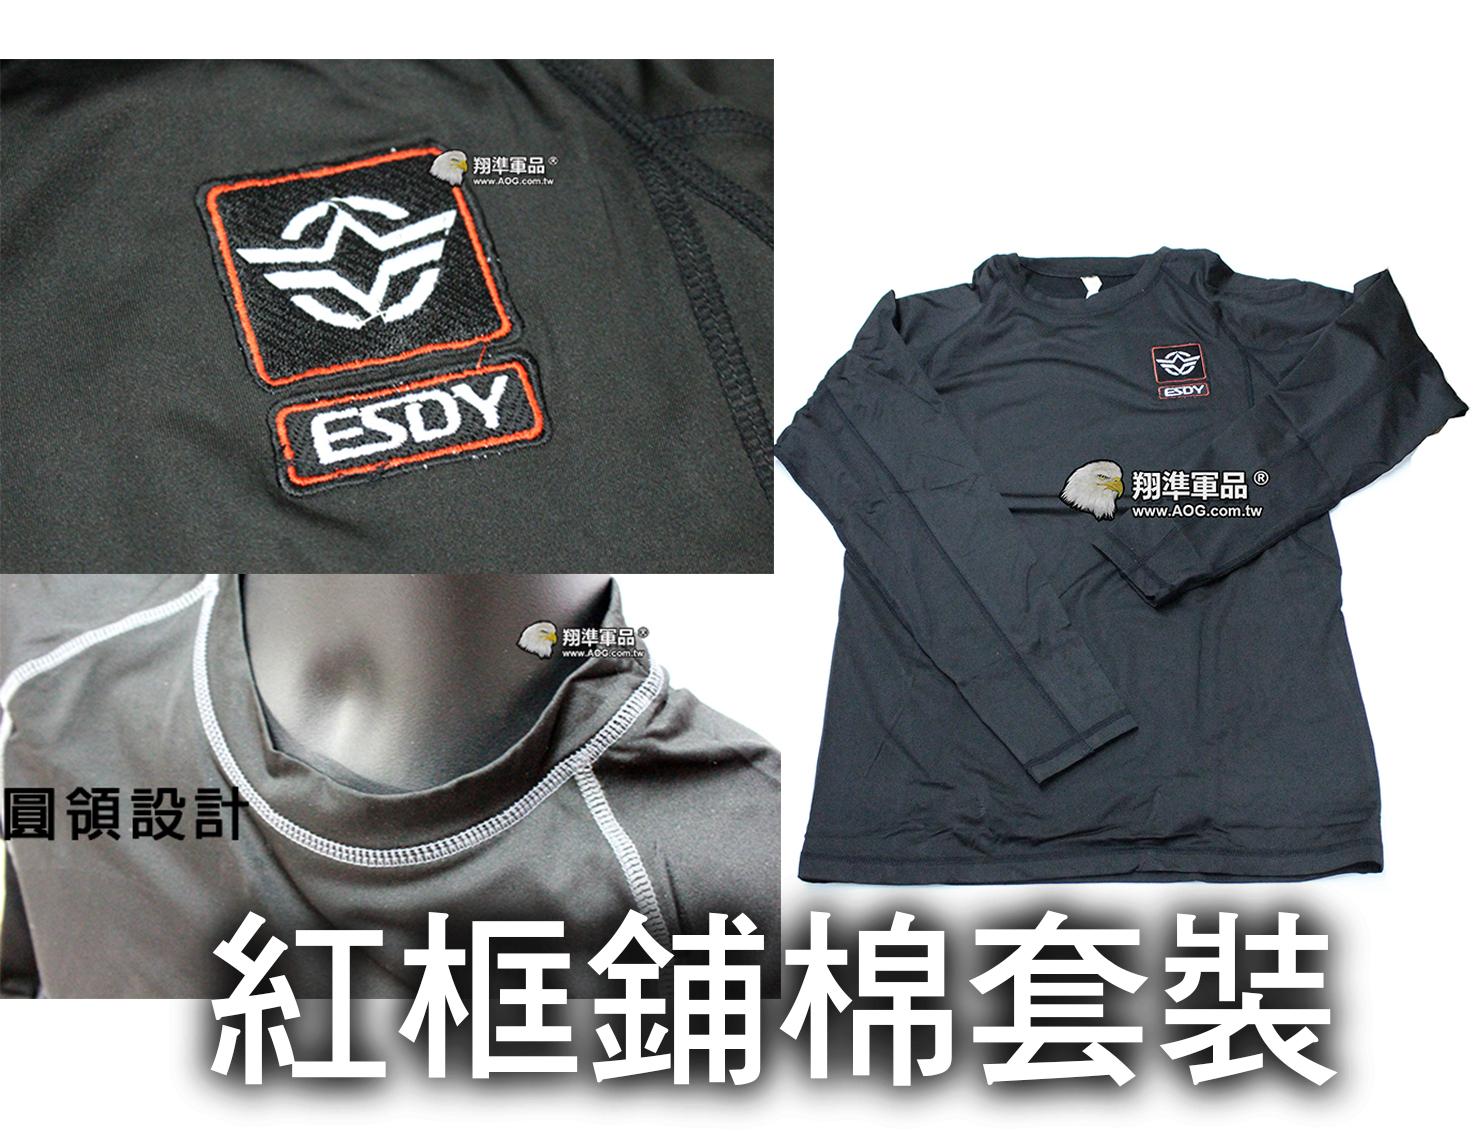 【翔準軍品AOG】紅框 鋪棉套裝 生存 運動 排汗 圓領 裝備 涼爽 舒適 登山 戶外 內搭 G3102V